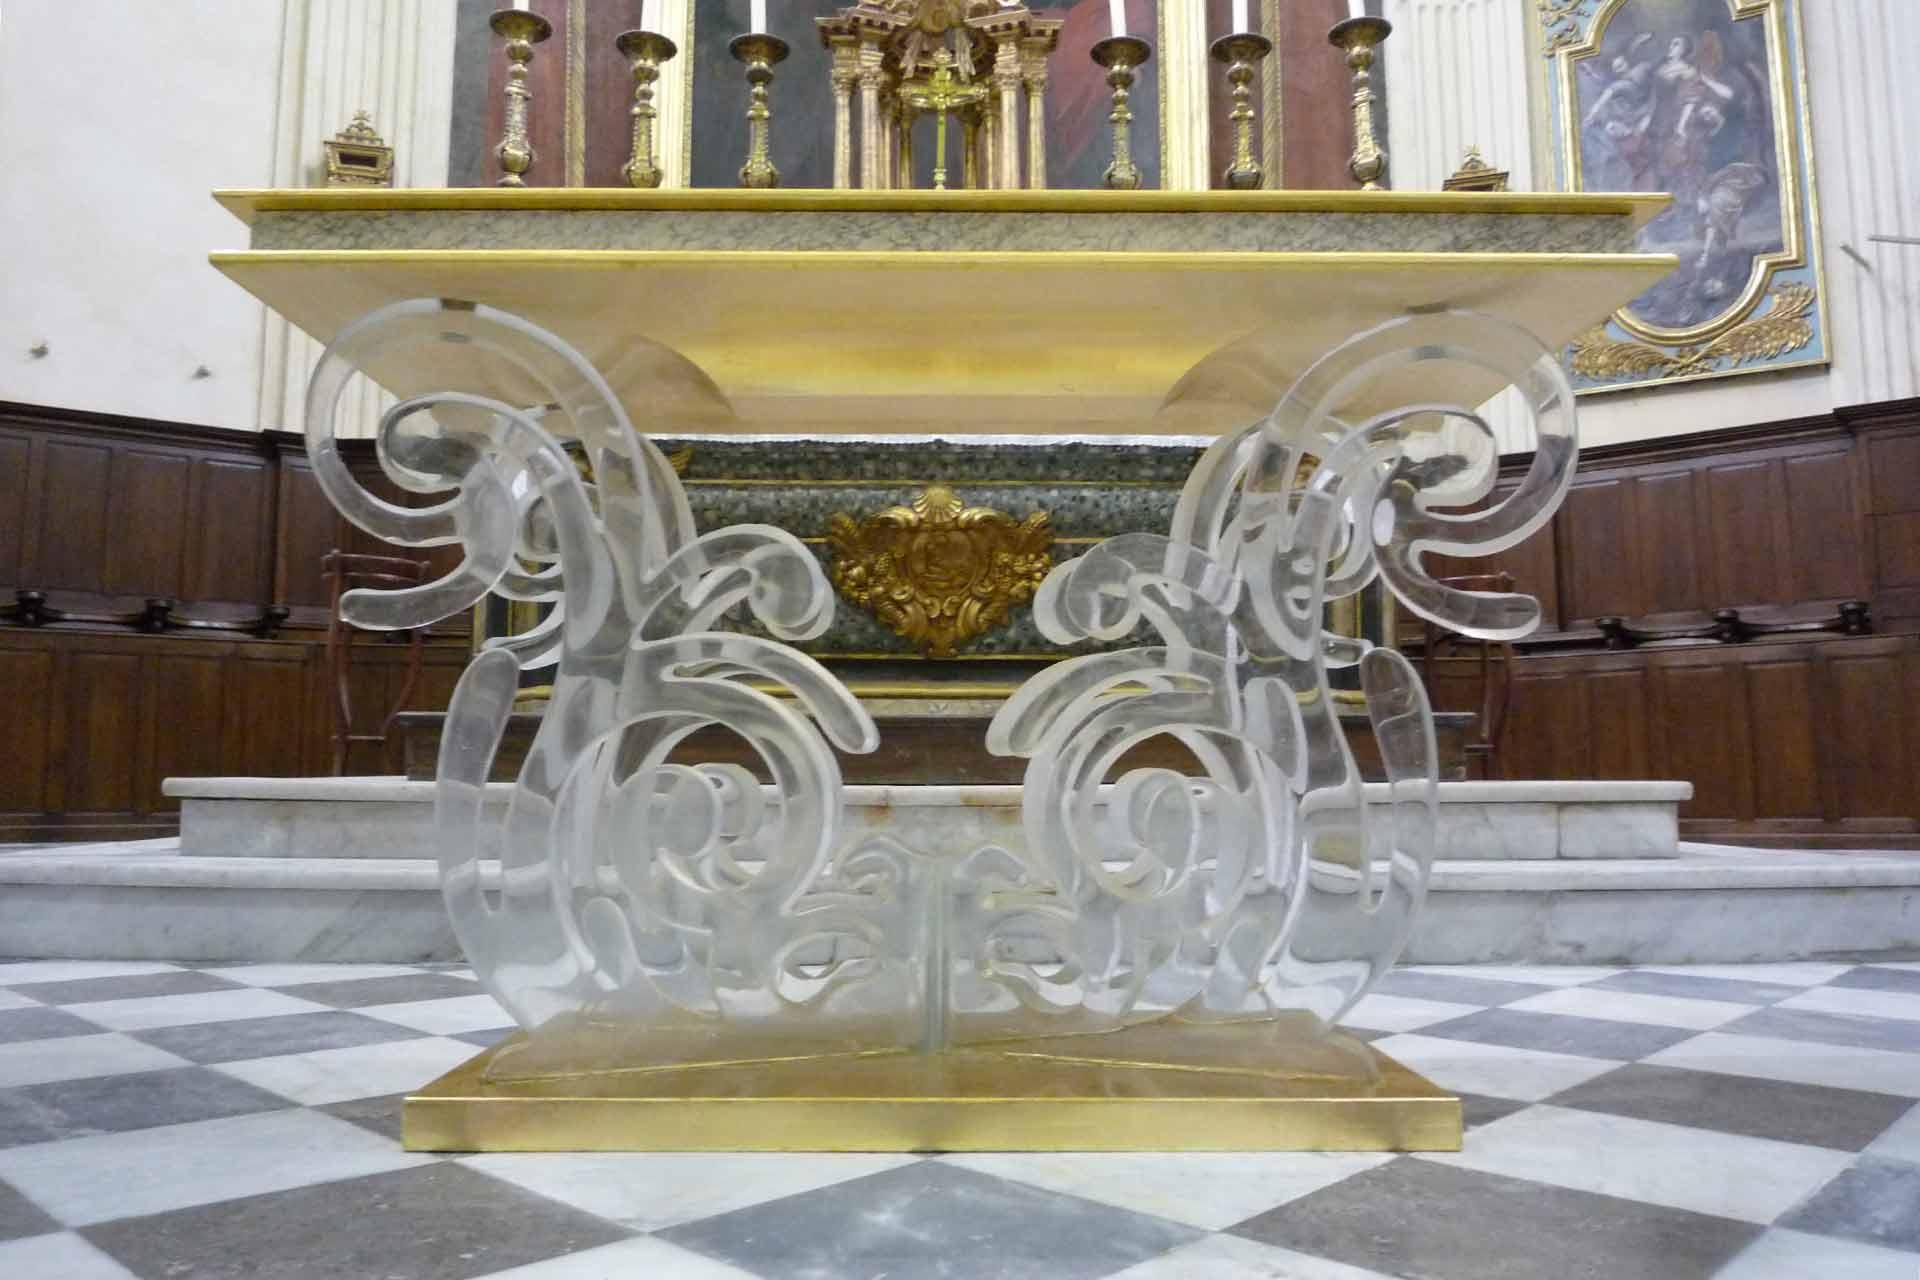 Vue de face de l'autel en cristal de la paroisse de Martigues Maître Verrier Olivier Juteau